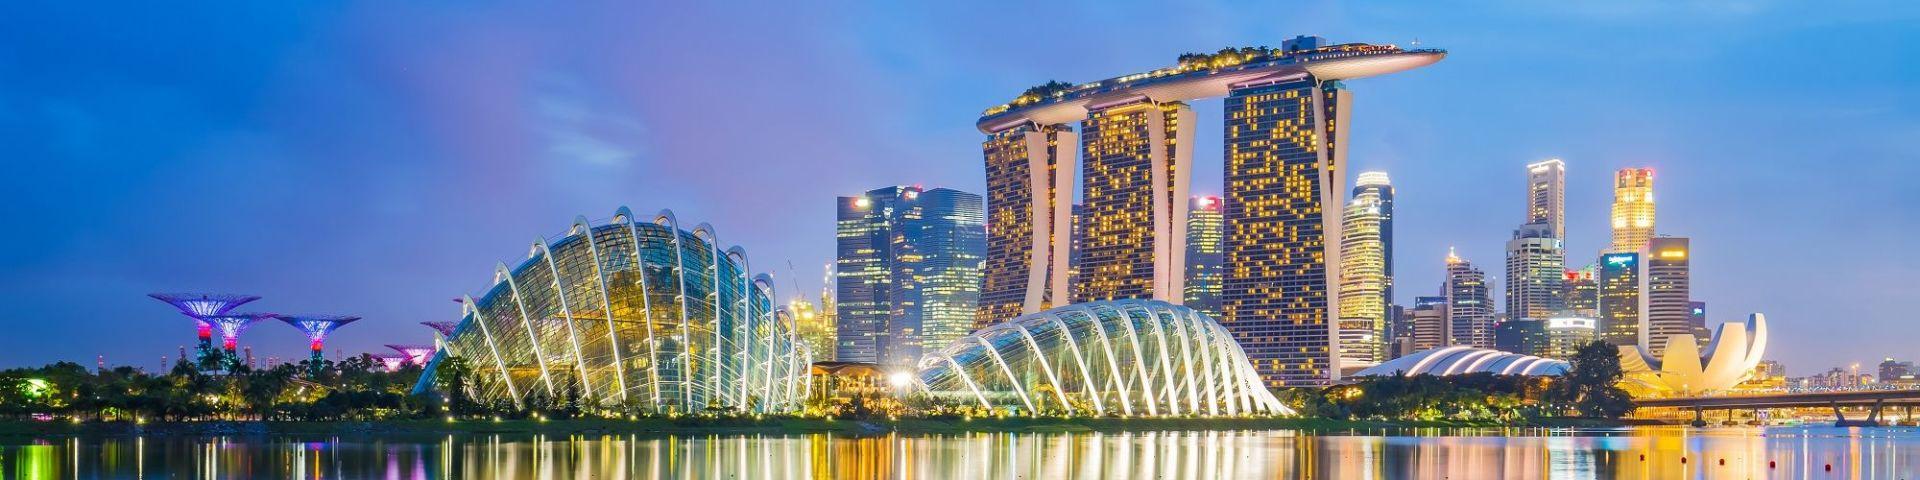 Der Zauber Asiens - Singapur